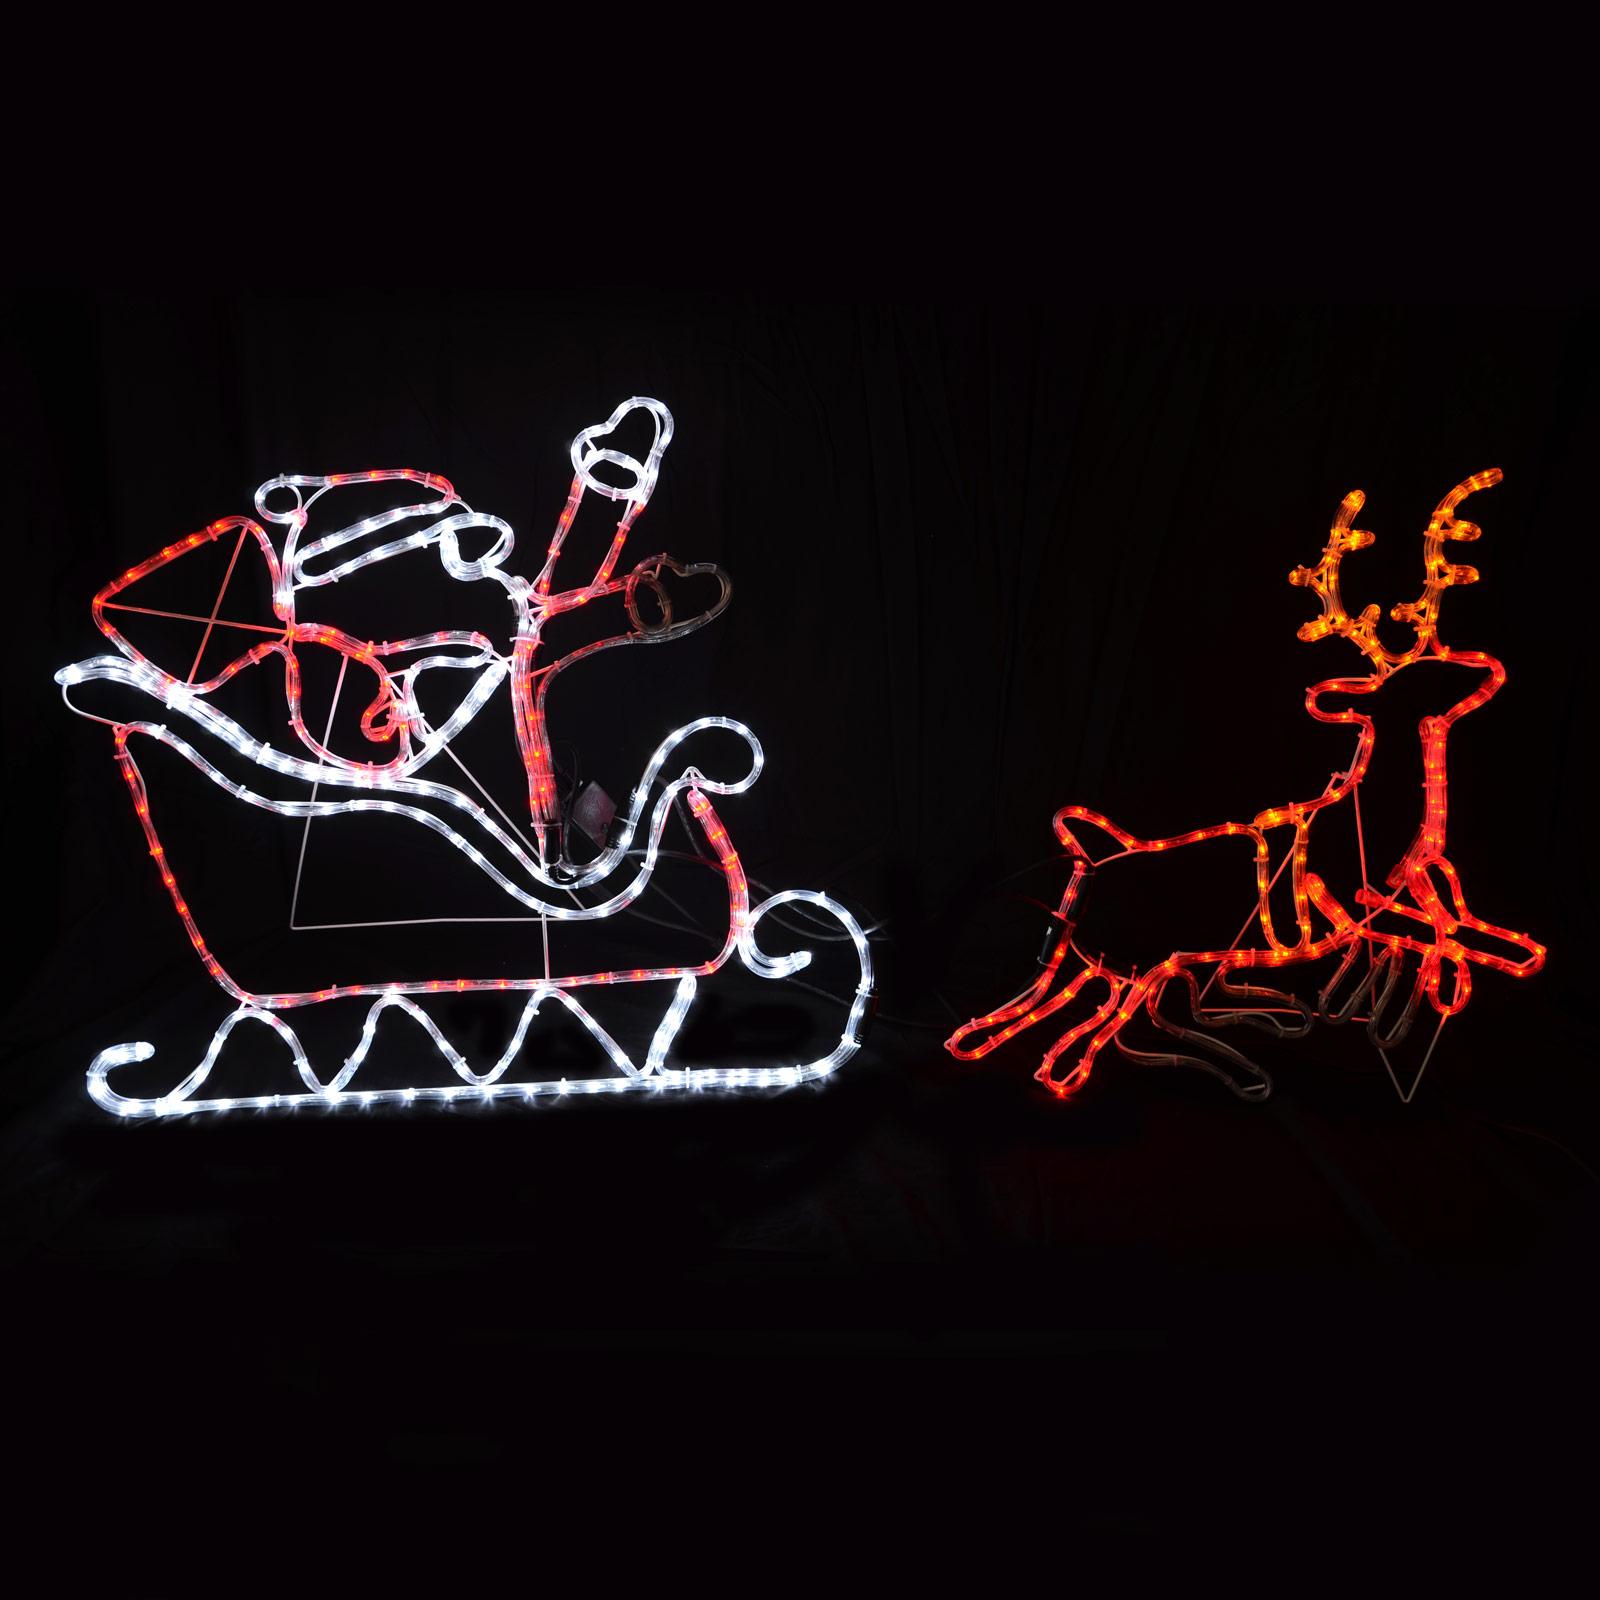 outdoor lighted santa sleigh reindeer for pinterest. Black Bedroom Furniture Sets. Home Design Ideas